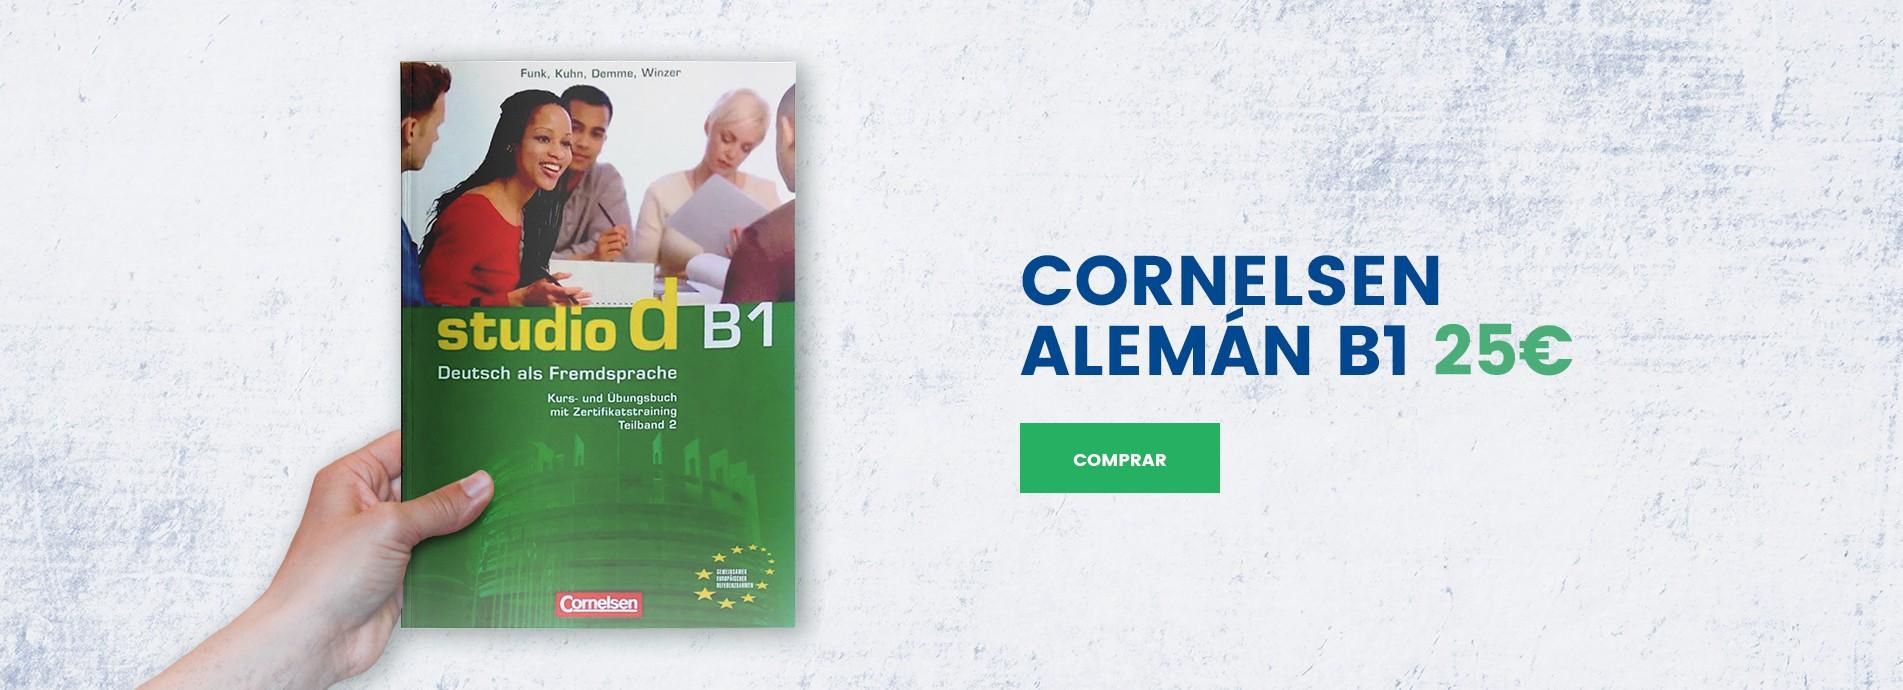 Cornelsen Alemán B1